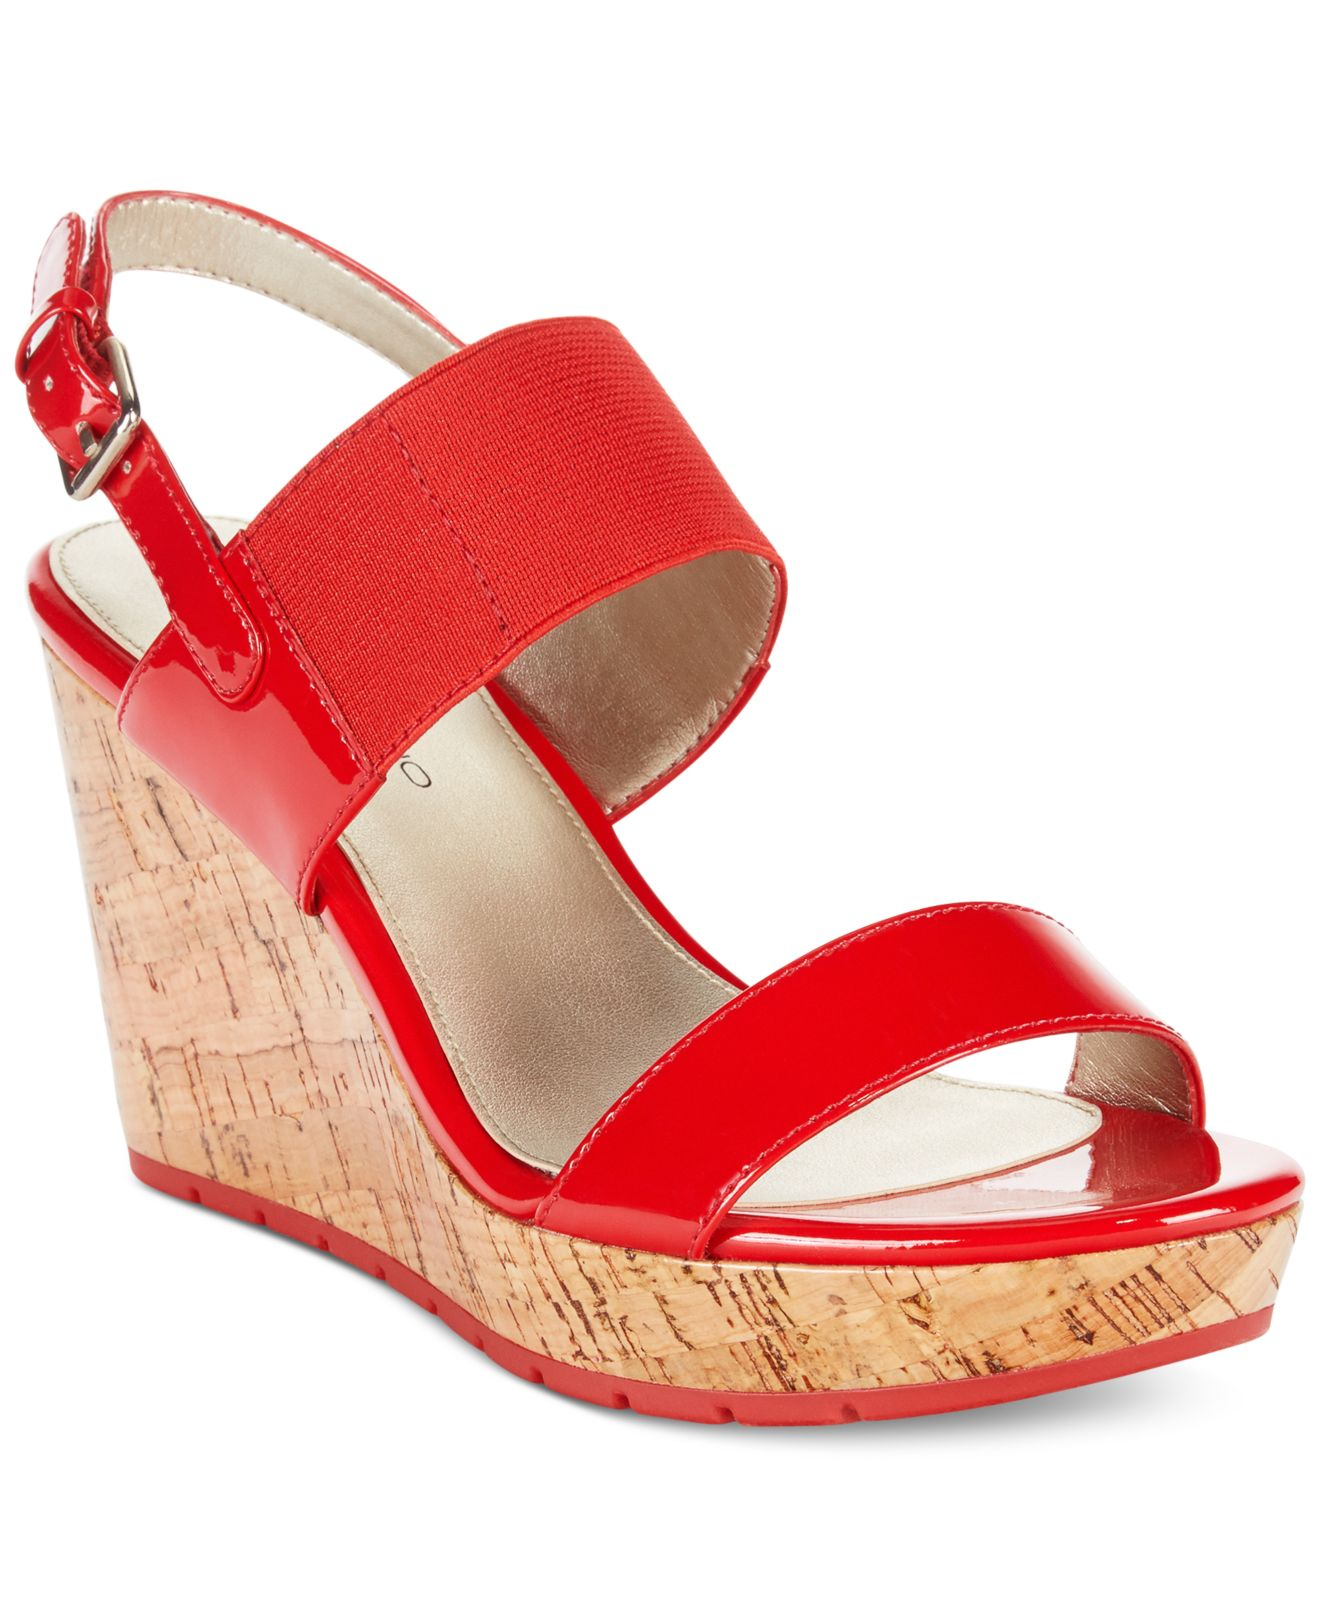 8bf55832885e Lyst - Bandolino Annika Platform Wedge Sandals in Red